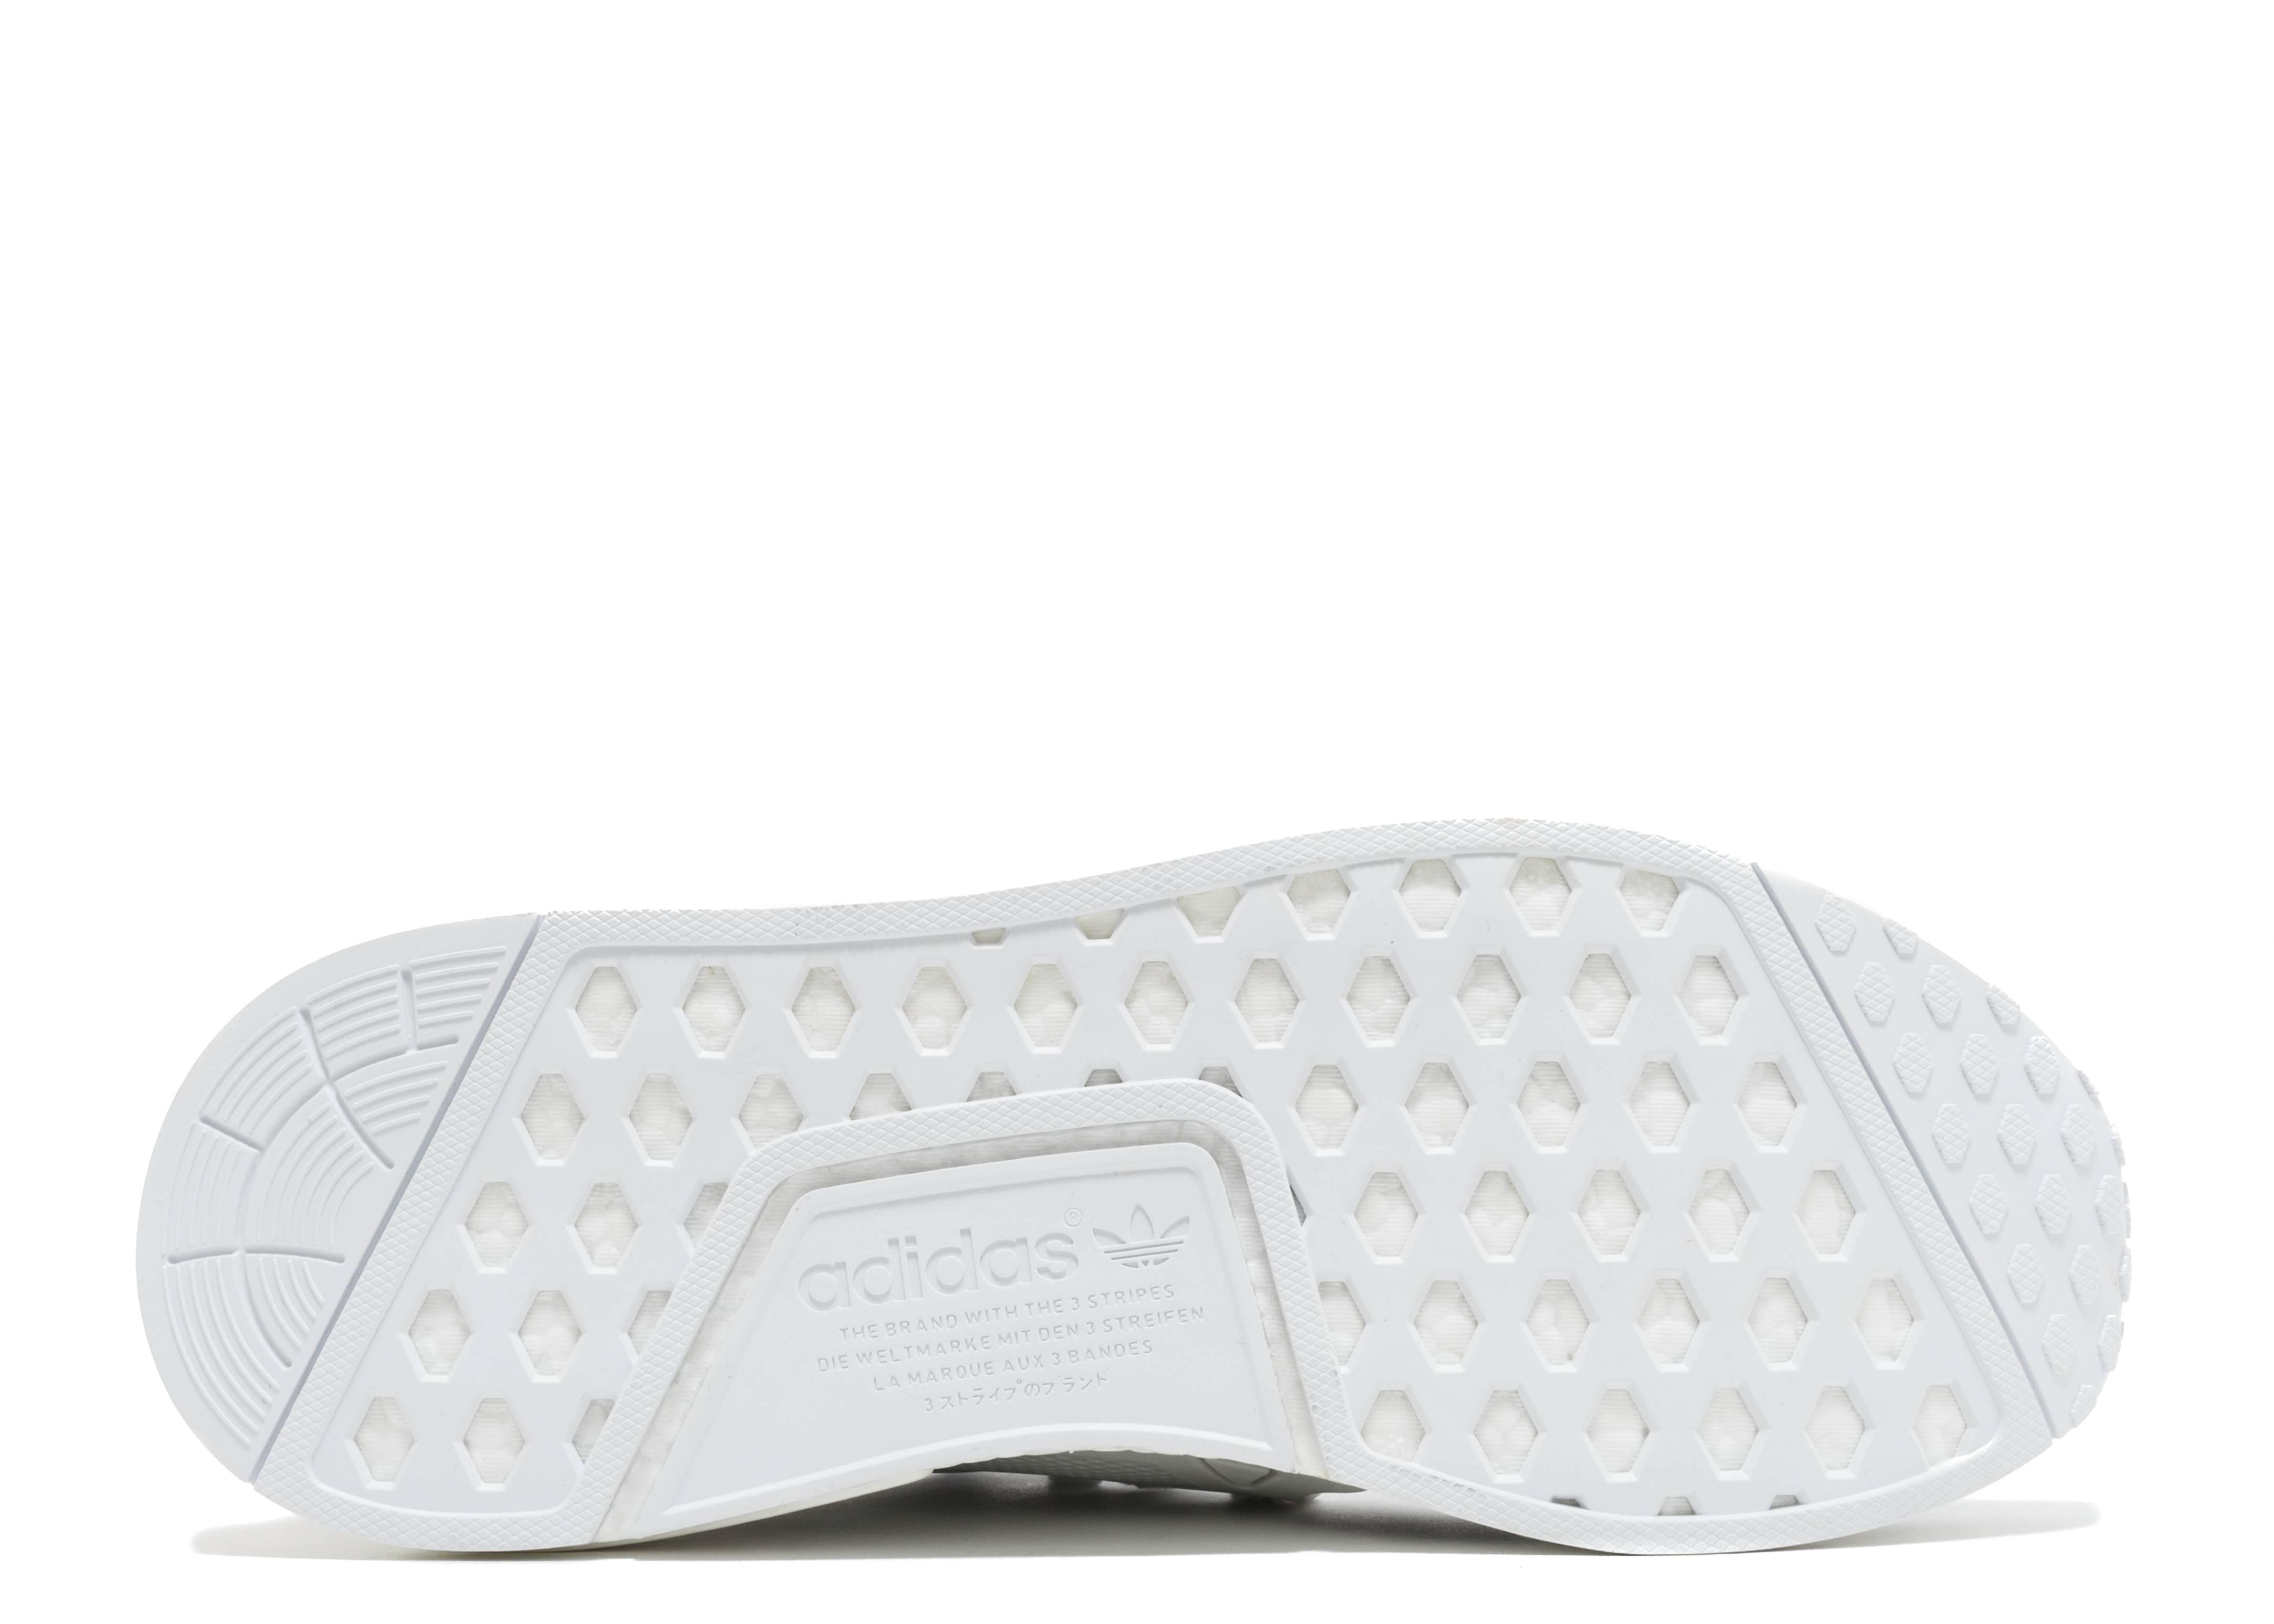 b733c16ac7d2 Kick Avenue - Authentic Sneakers